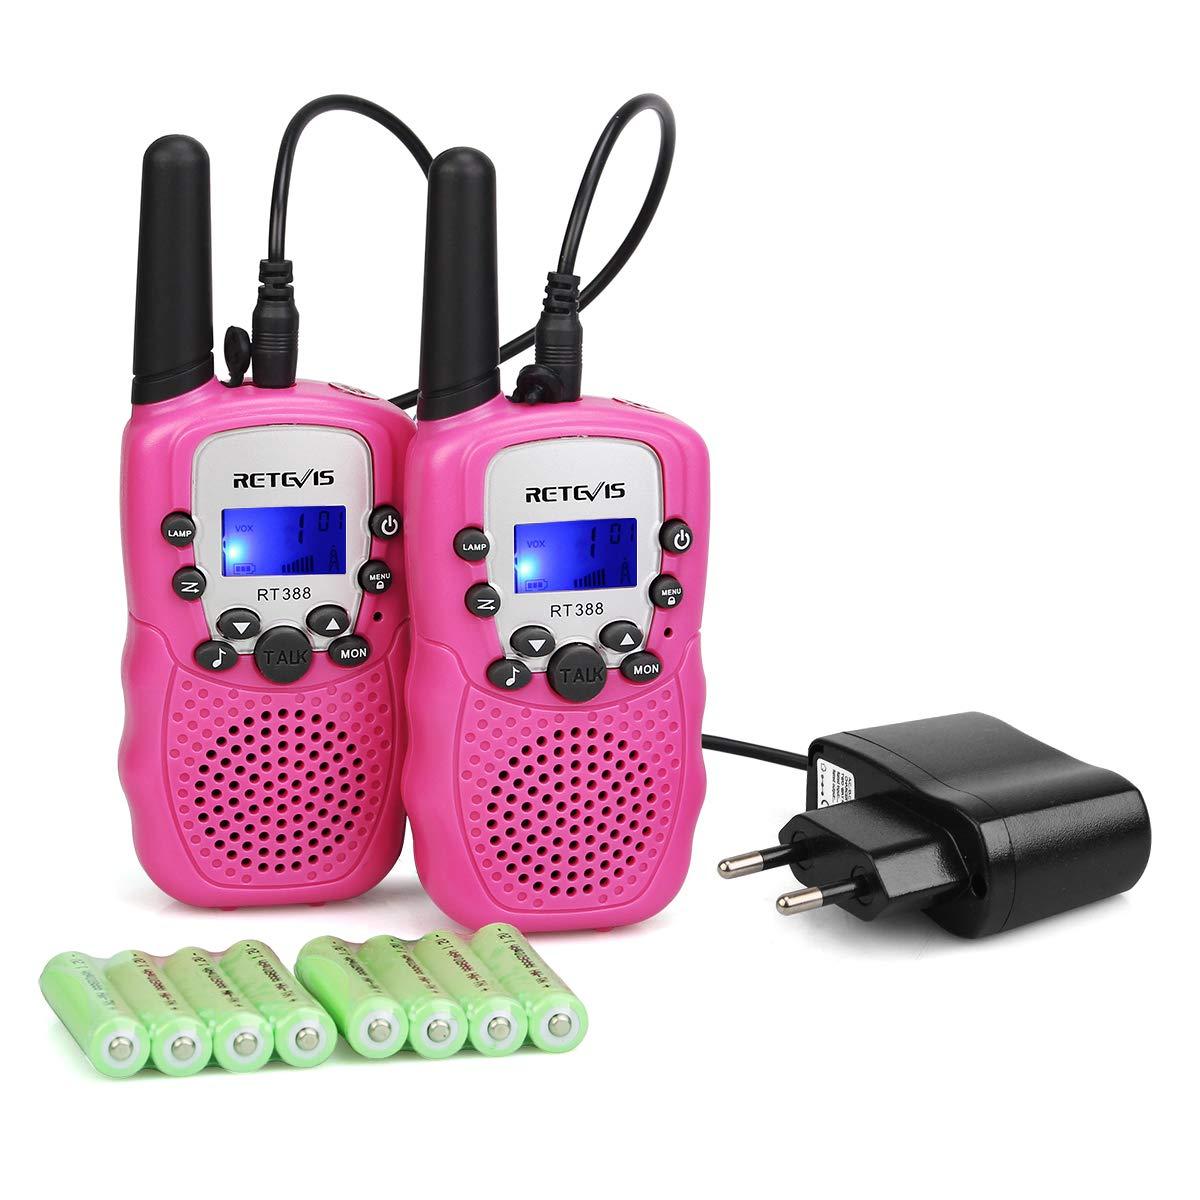 Retevis RT388 Walkie Talkie Niños UHF con Pantalla LCD 10 Tonos de Llamada PMR 446 con Cargador de Adapador Europeo Linterna LED VOX 8 con Subcanal Canales ...